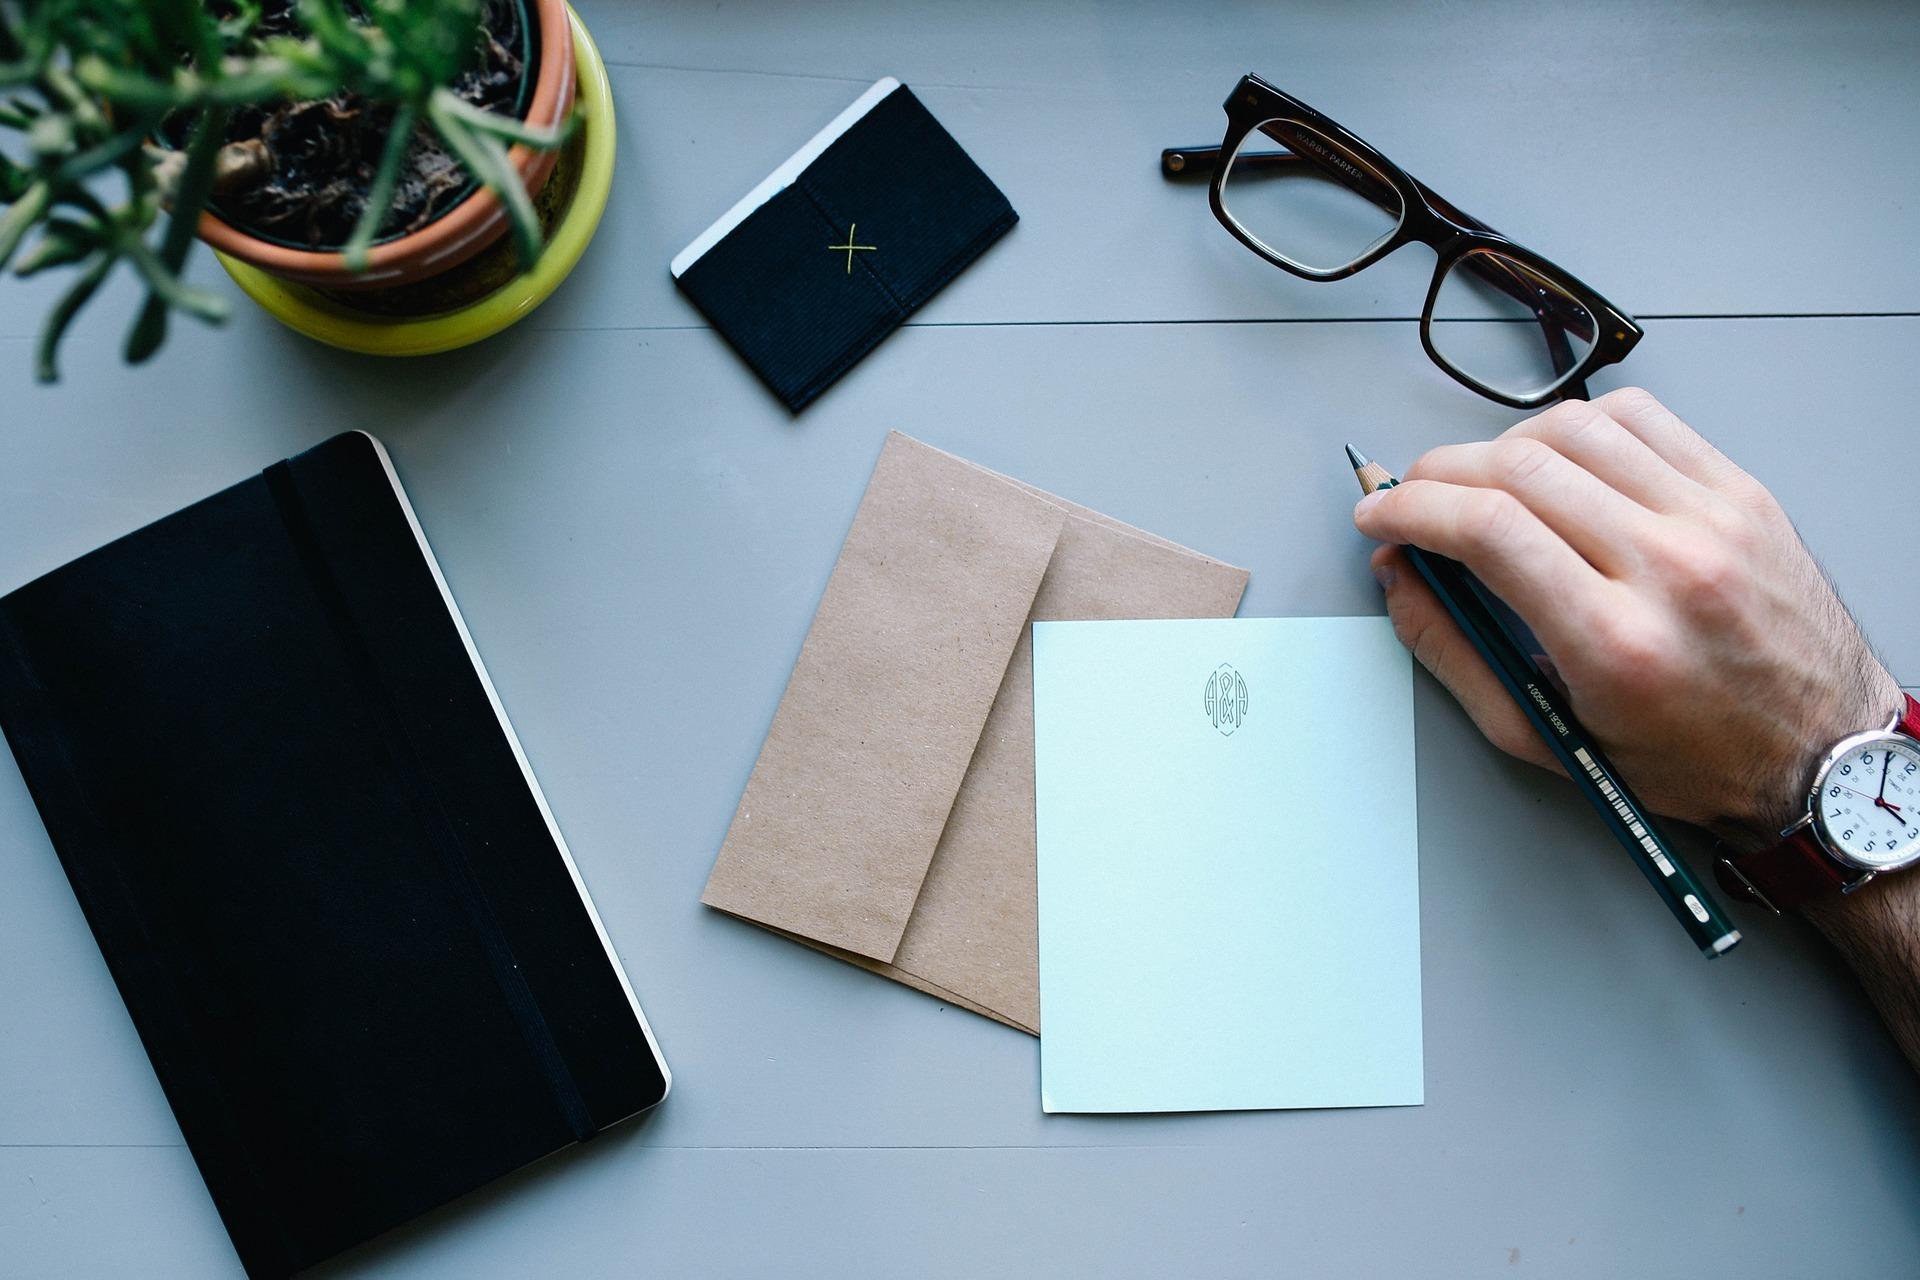 歓迎会の案内状・メールの書き方まとめ!すぐ使える例文やマナーも紹介!